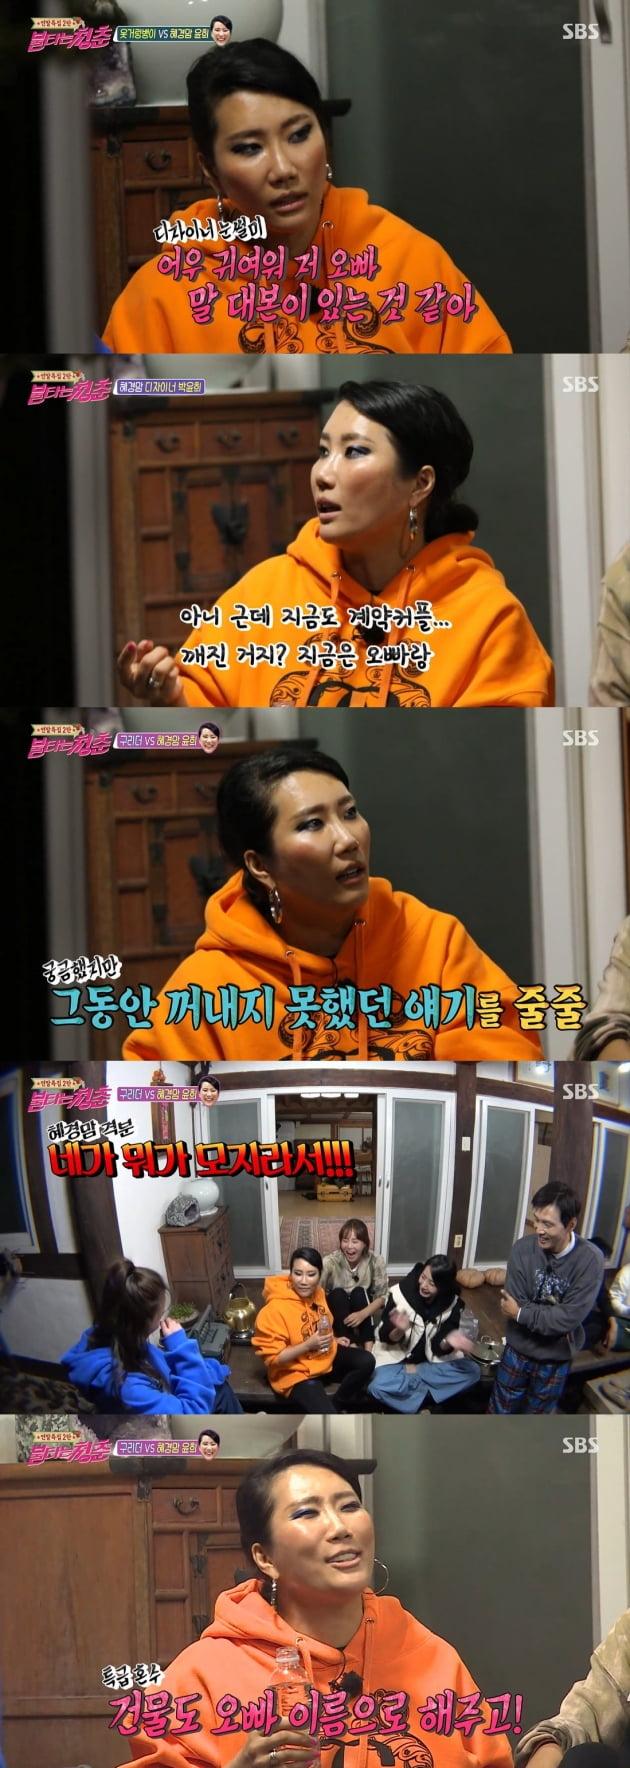 22일 방송된 '불타는청춘'/ 사진=SBS 캡처